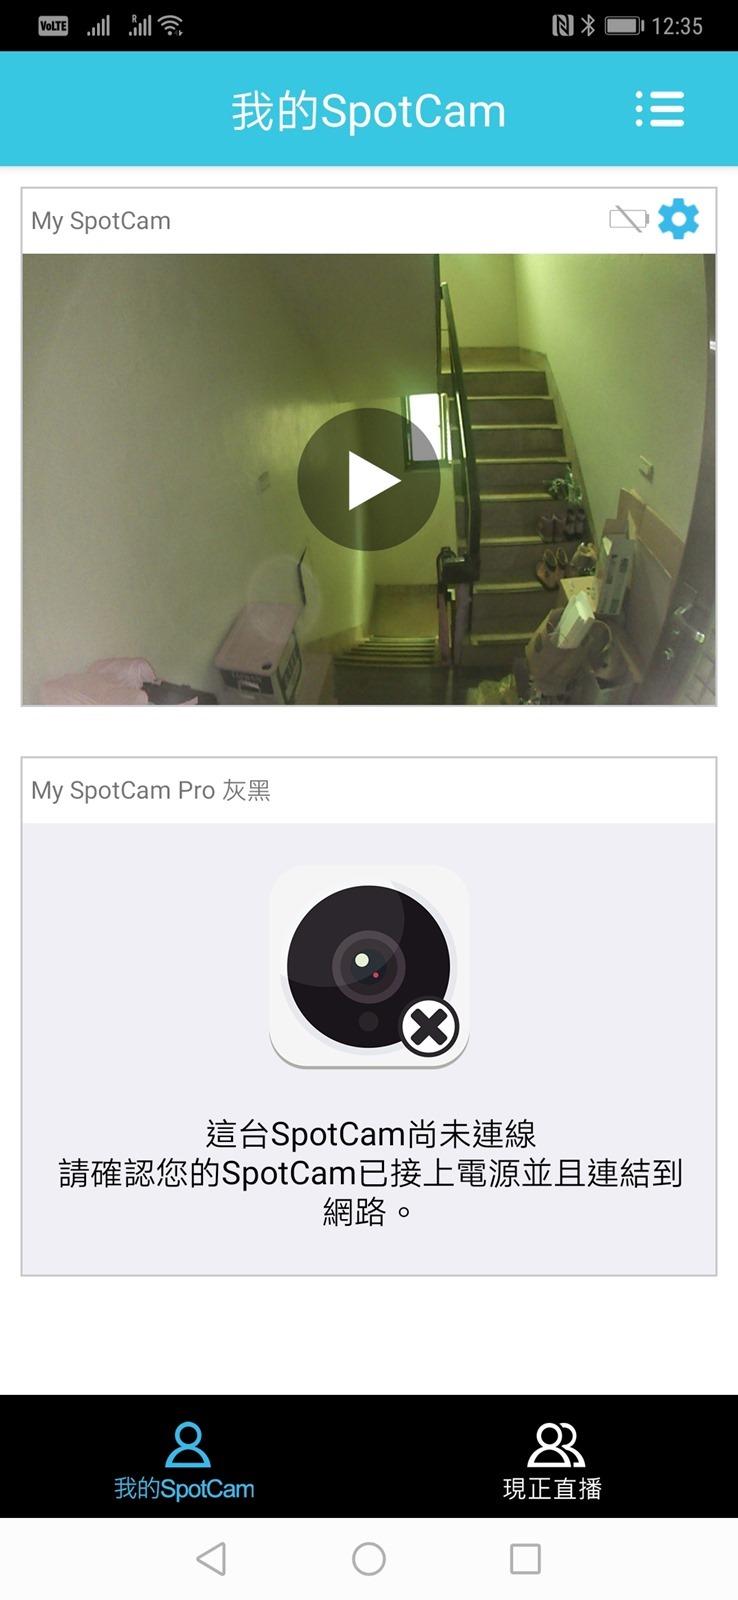 不用主機的家用監視器 完全無線的雲端攝影機 SpotCam Solo 開箱評測 @3C 達人廖阿輝